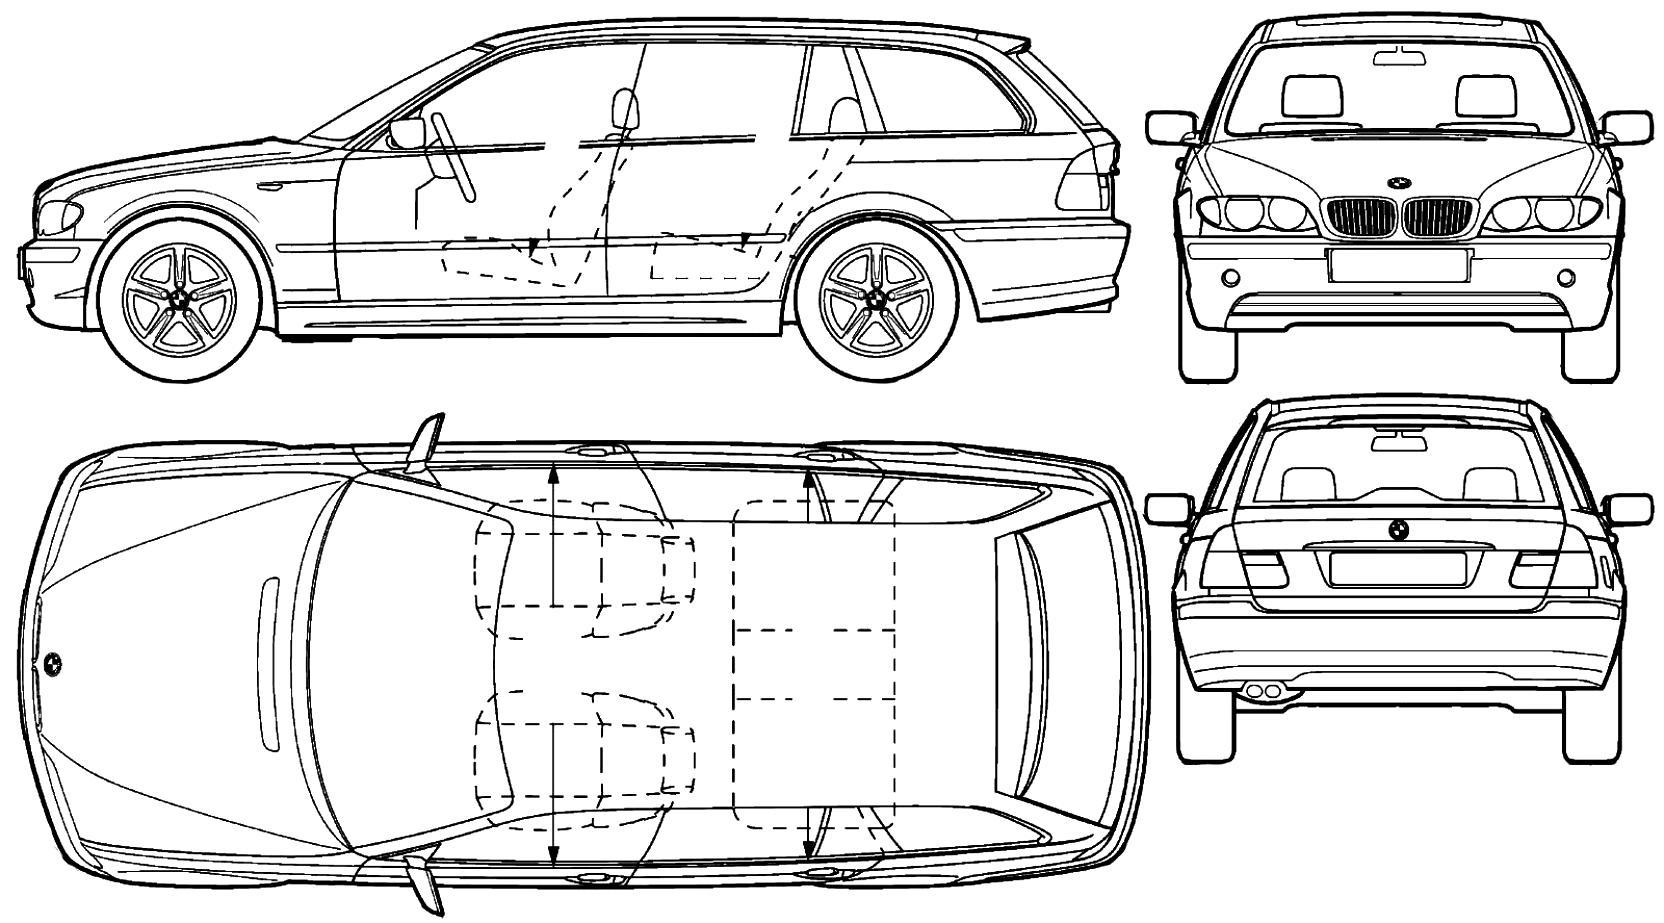 Bmw 3 Series Touring E46 On Motoimg